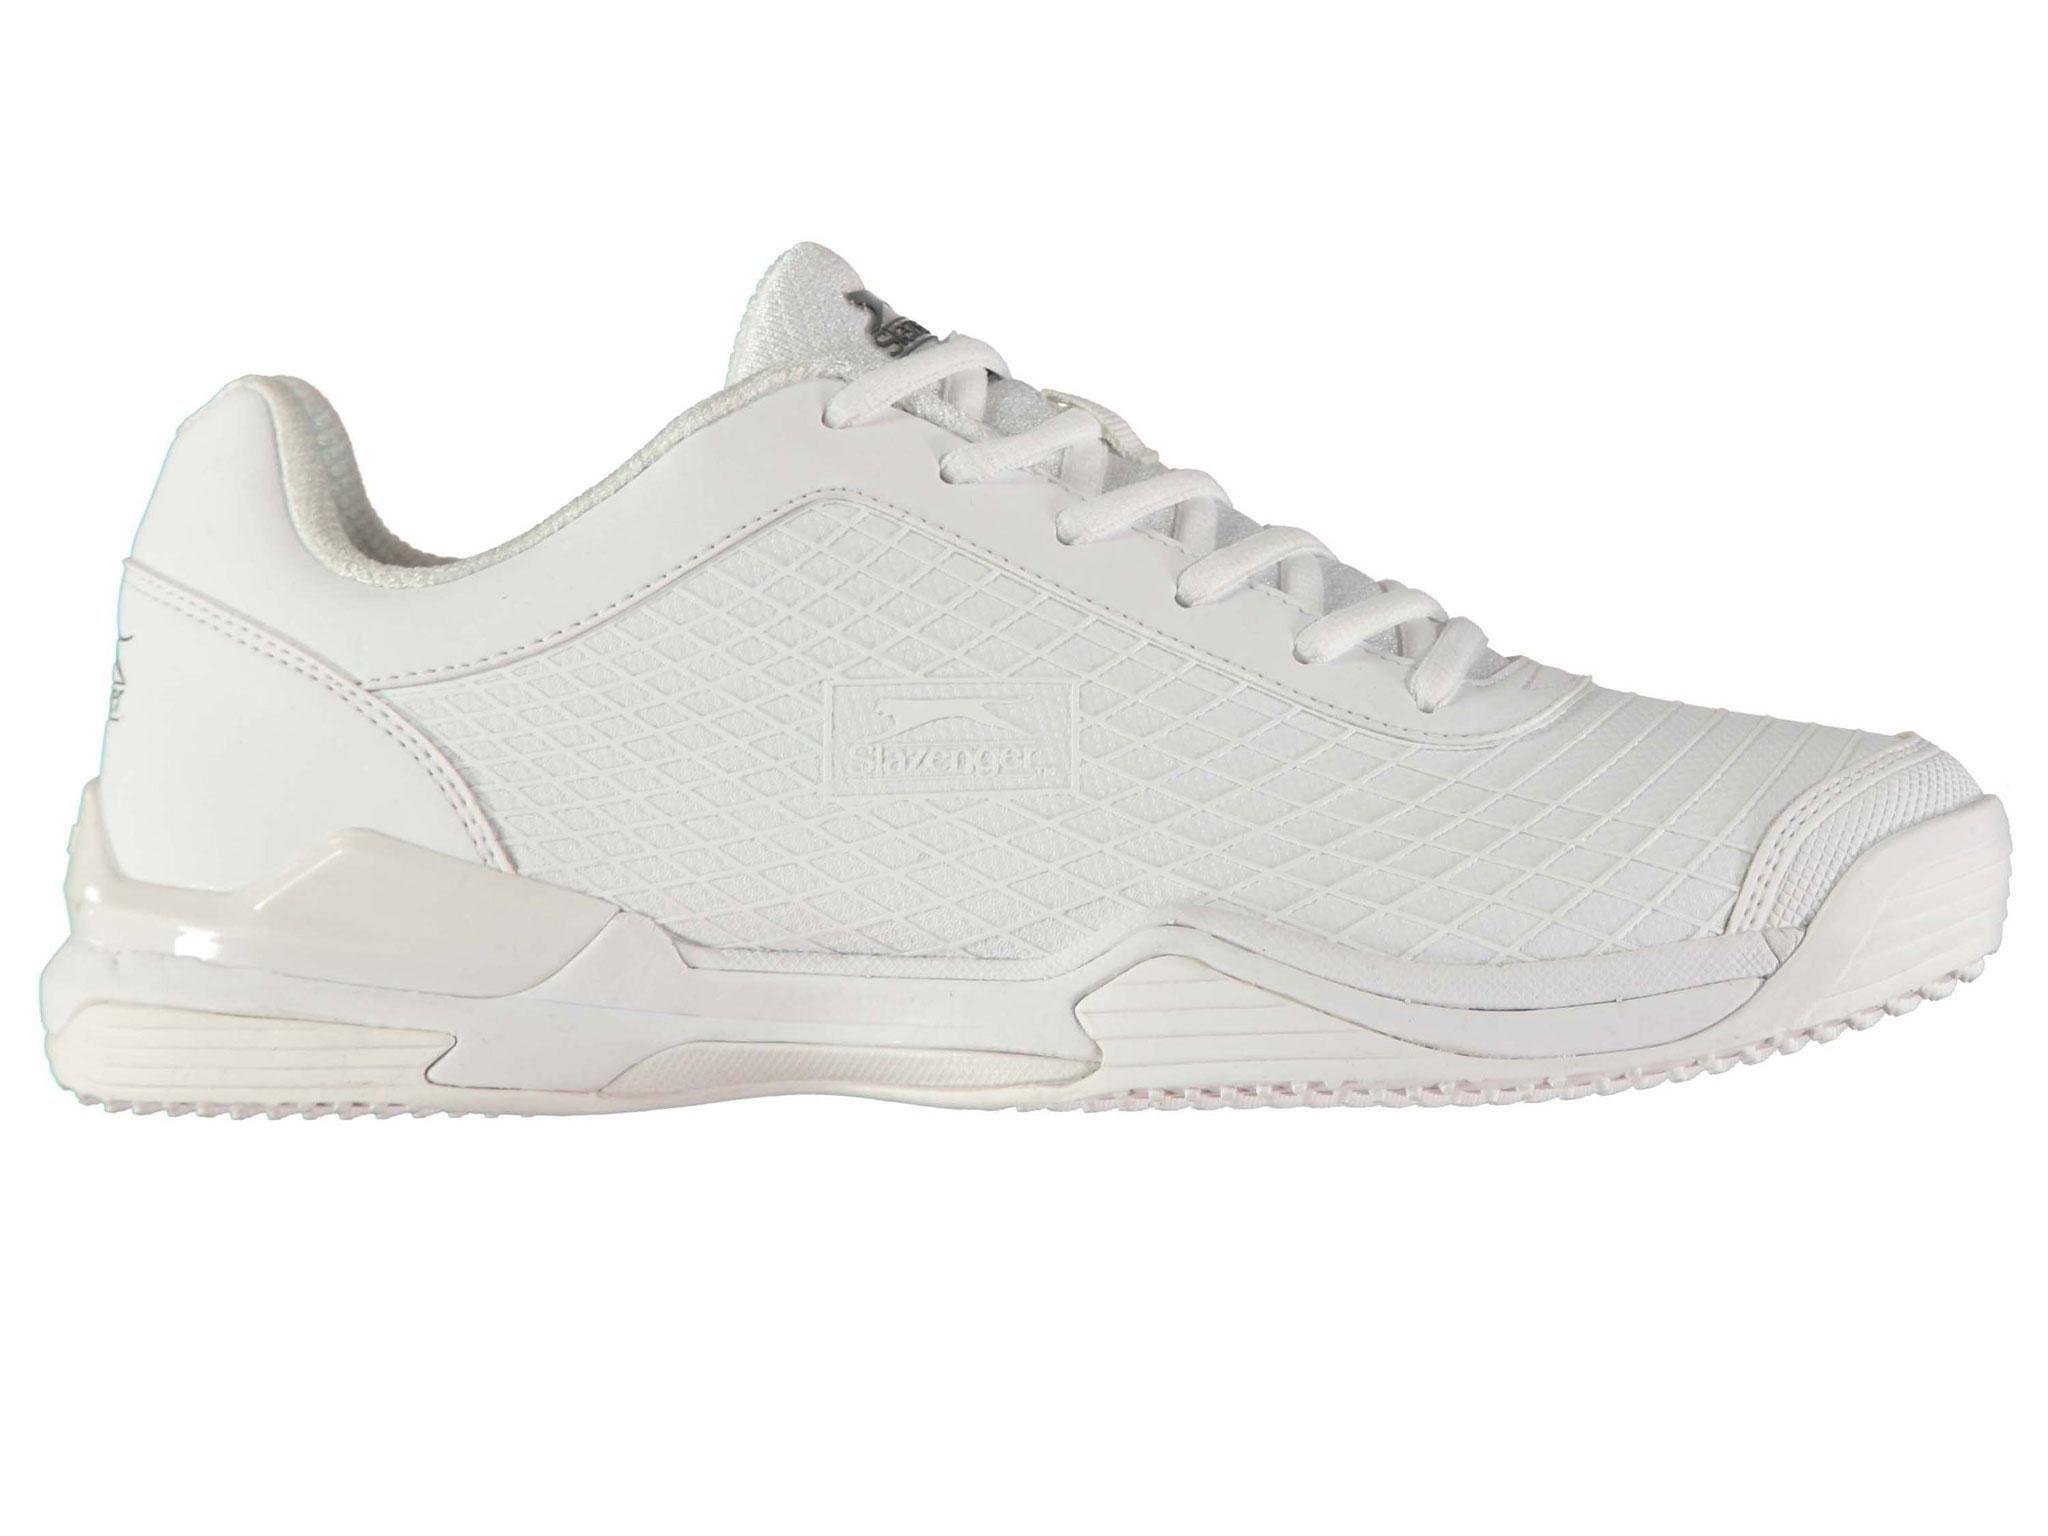 Slazenger 1881 Grass Court Tennis Shoes  £49.99 788c29deadb98